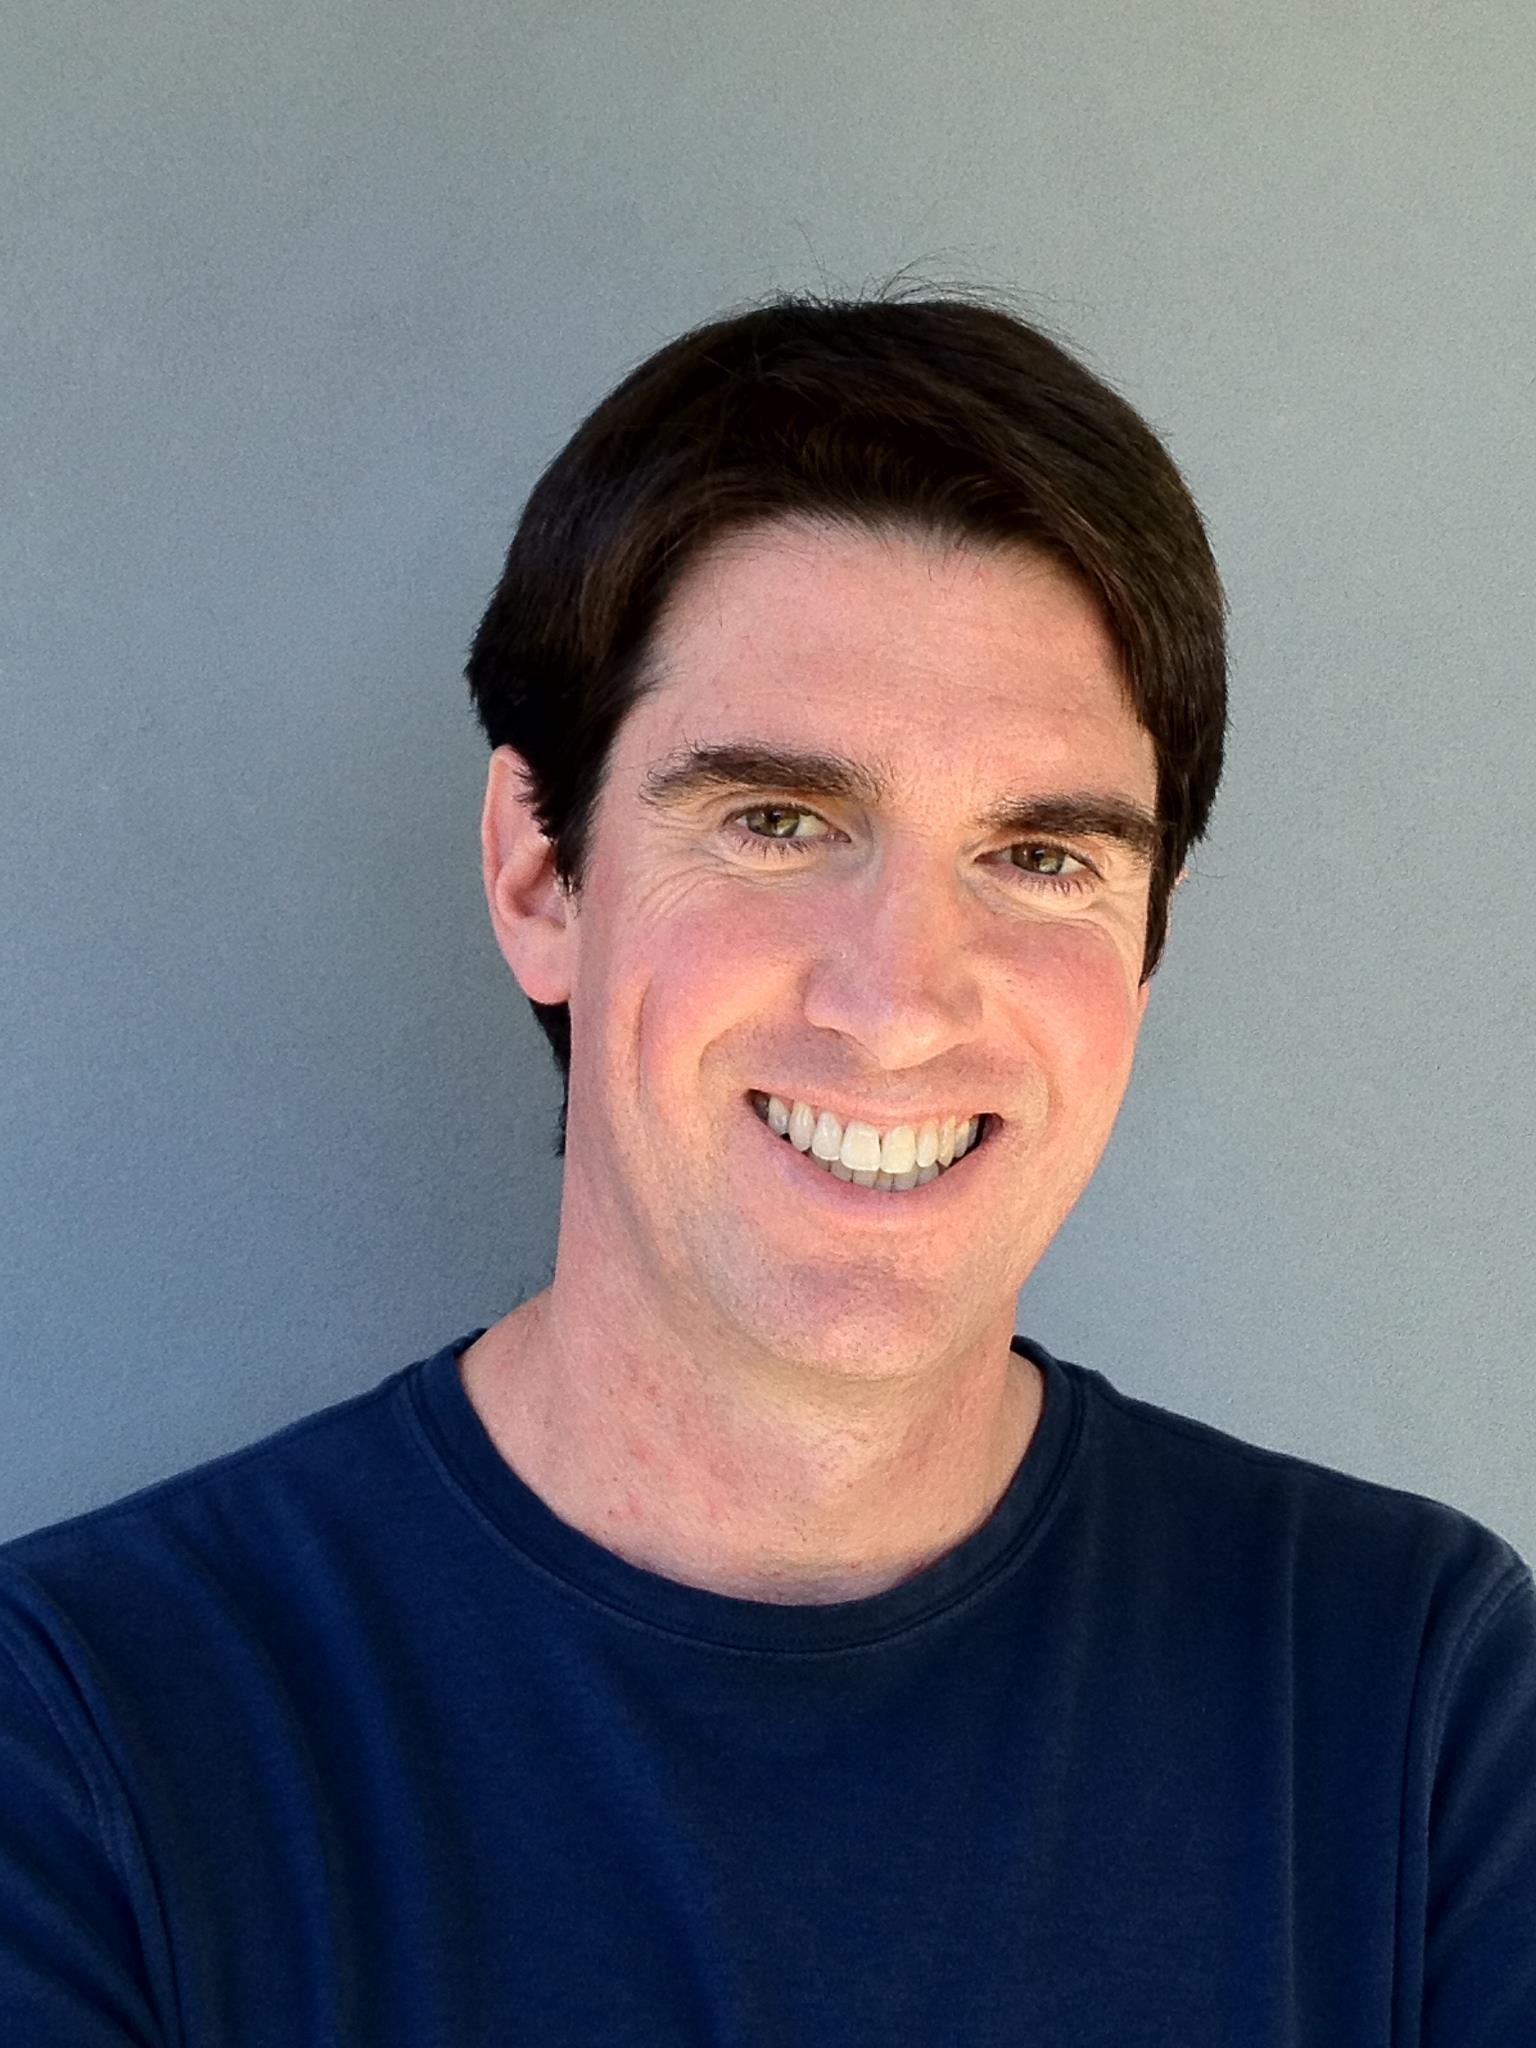 Adam Cheyer